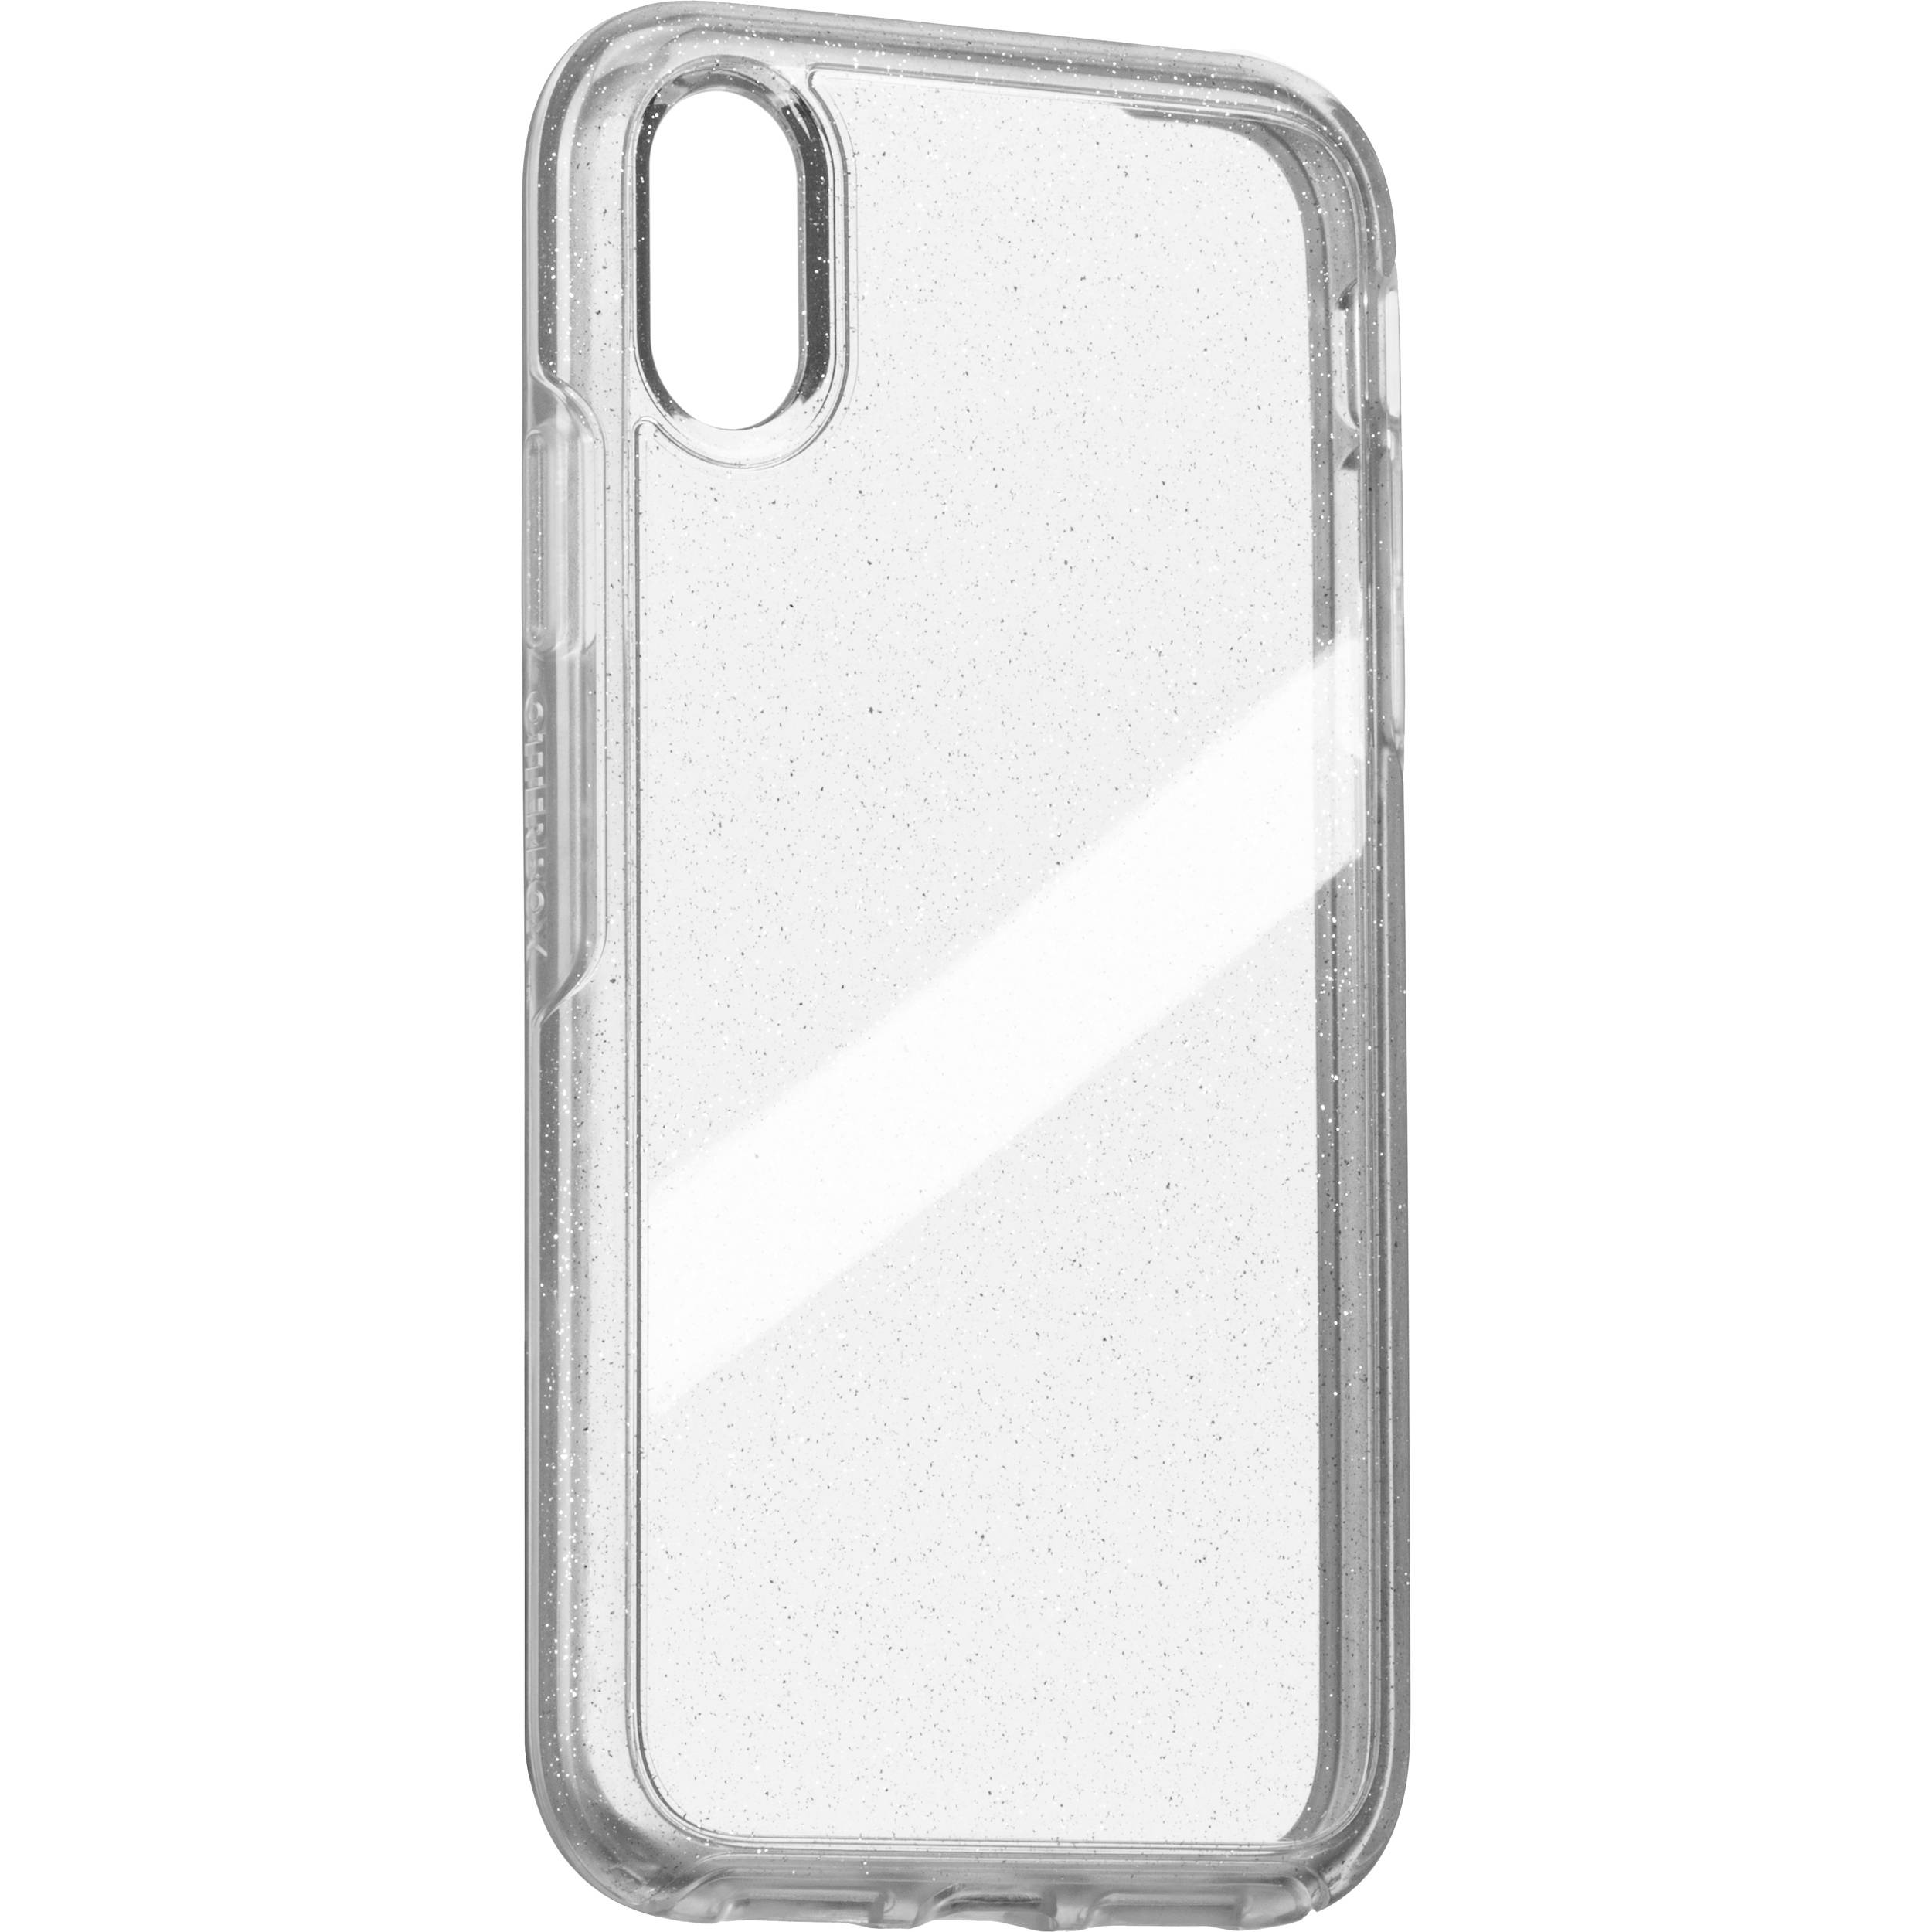 Iphone Xr Liquid Case